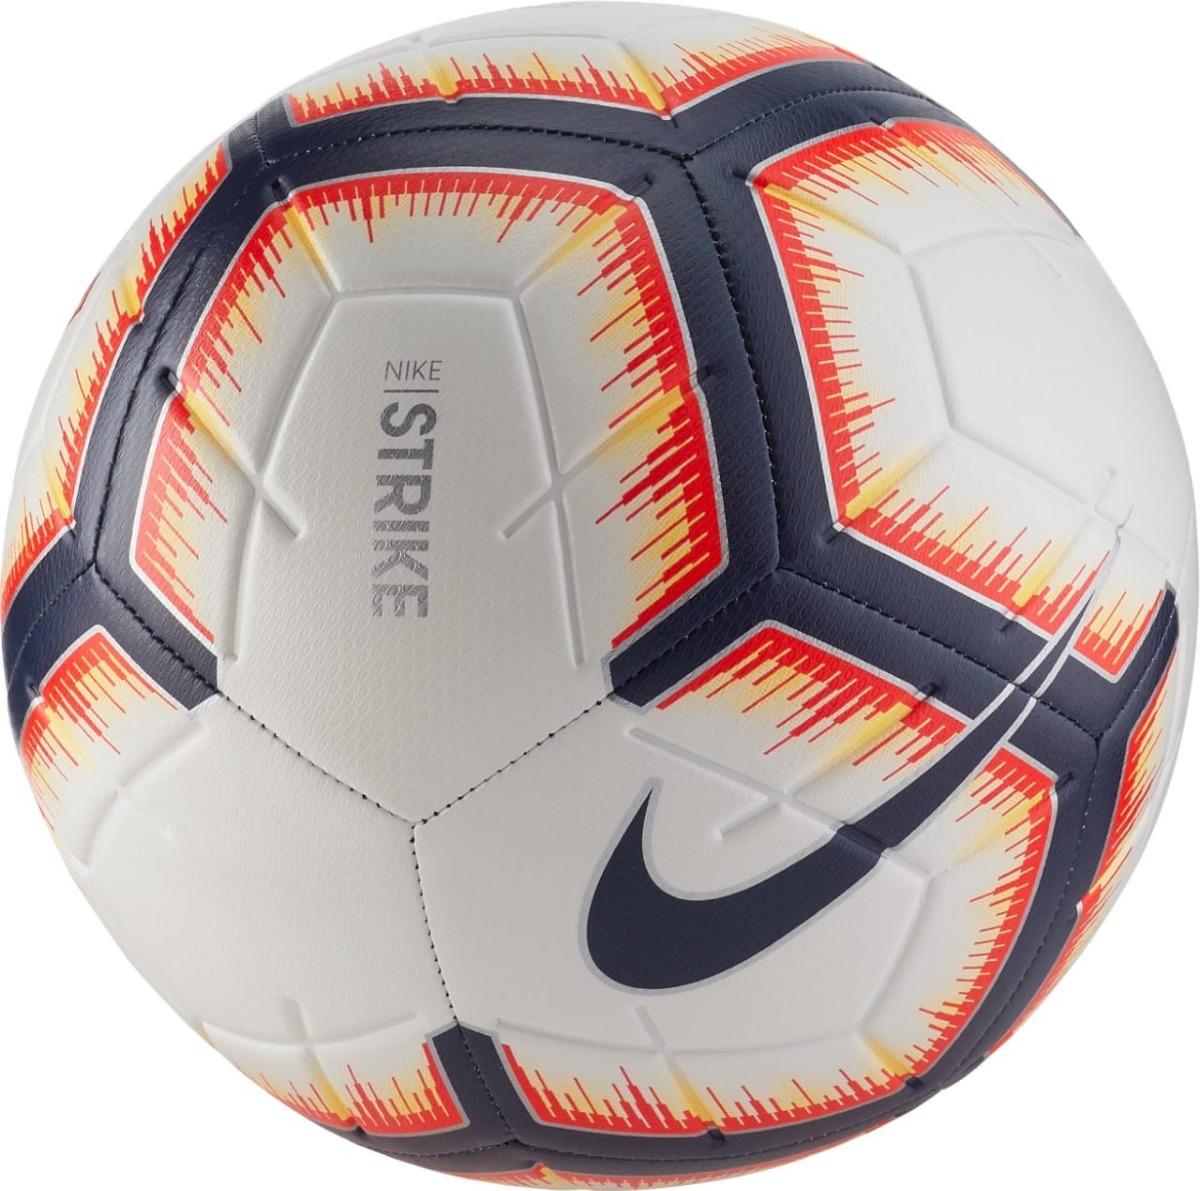 192a191494230 Balón Nike Strike 19 Blanco 100% Original Envío Gratis -   549.00 en ...